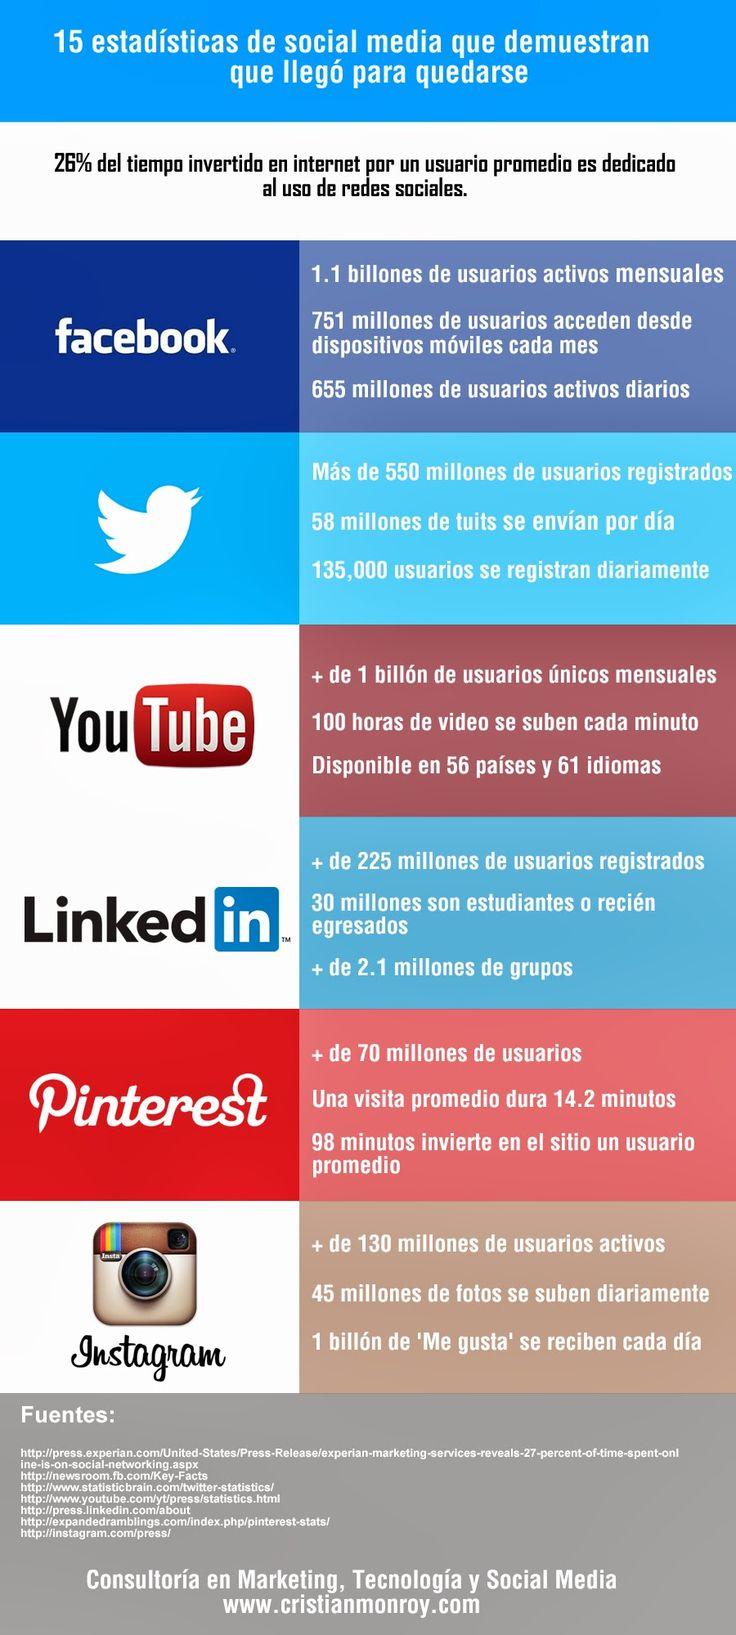 15 datos que indican que el Social Media es una realidad #infografia